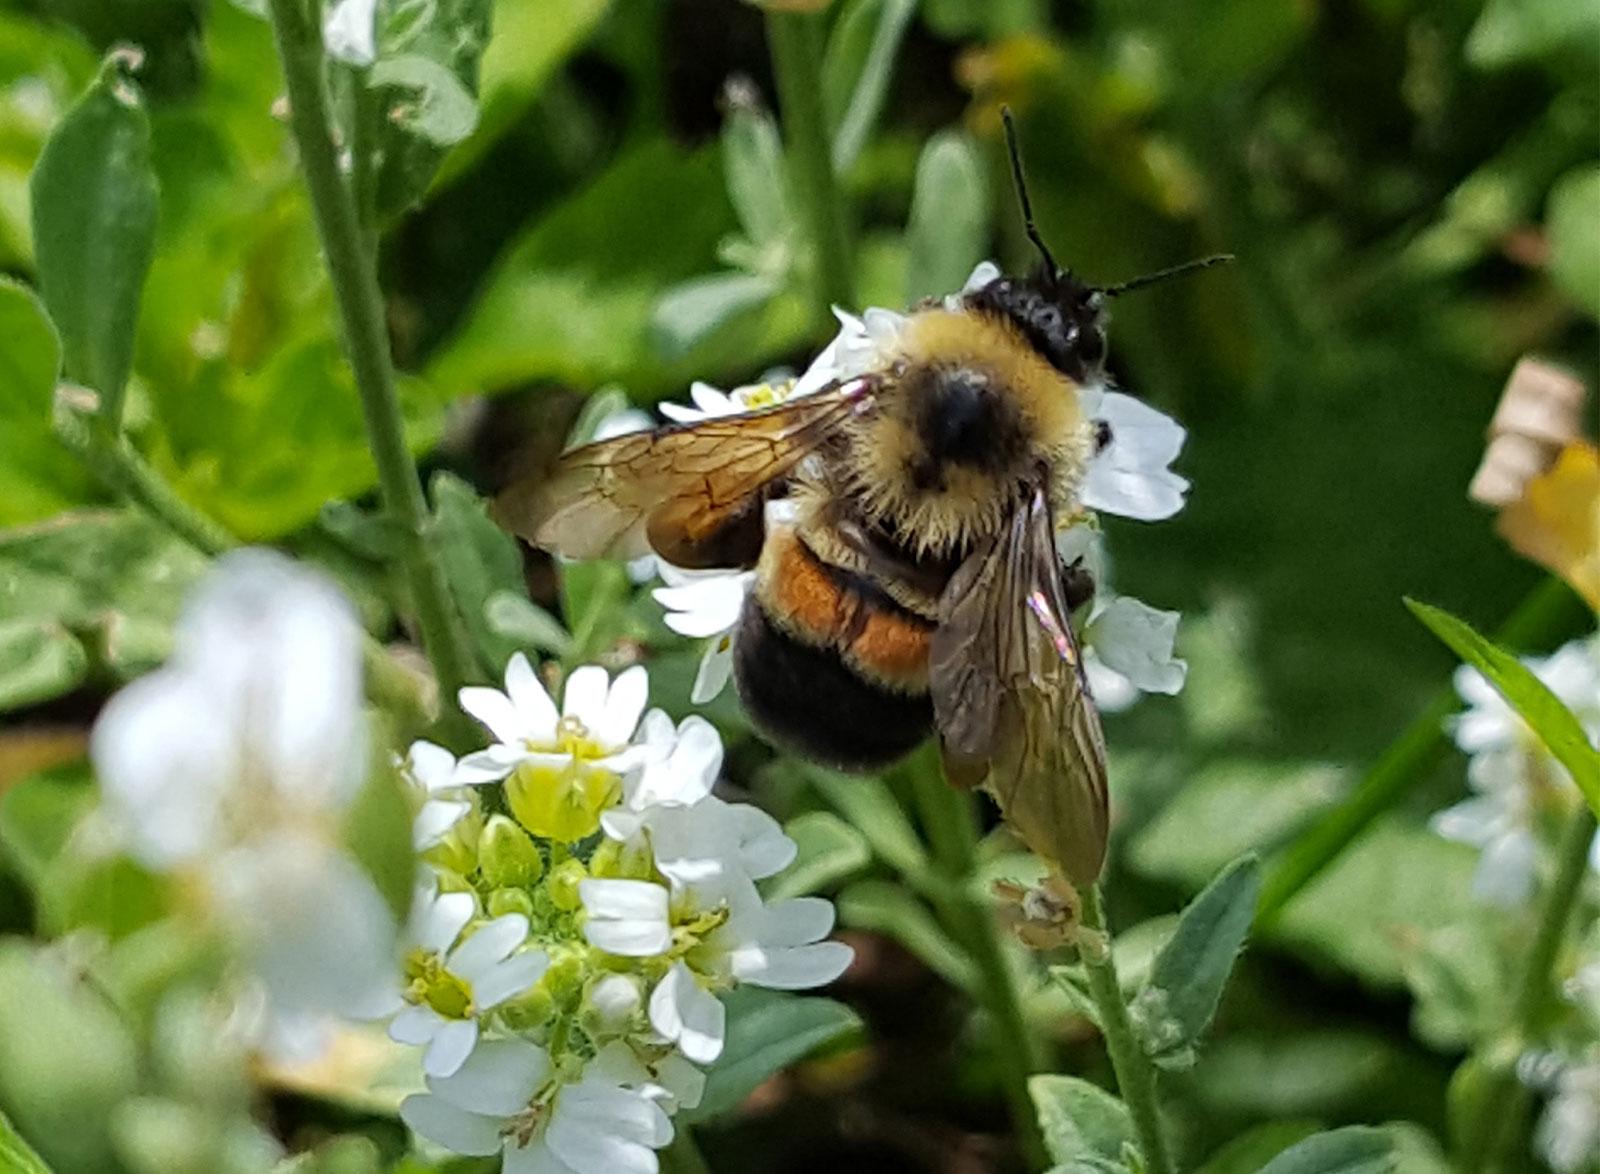 النحل في خطر - التغيرات البسيطة في درجة الحرارة - التغير المناخي وانقراض الحشرات - تلقيح العديد من المحاصيل كالطماطم والقرع والتوت